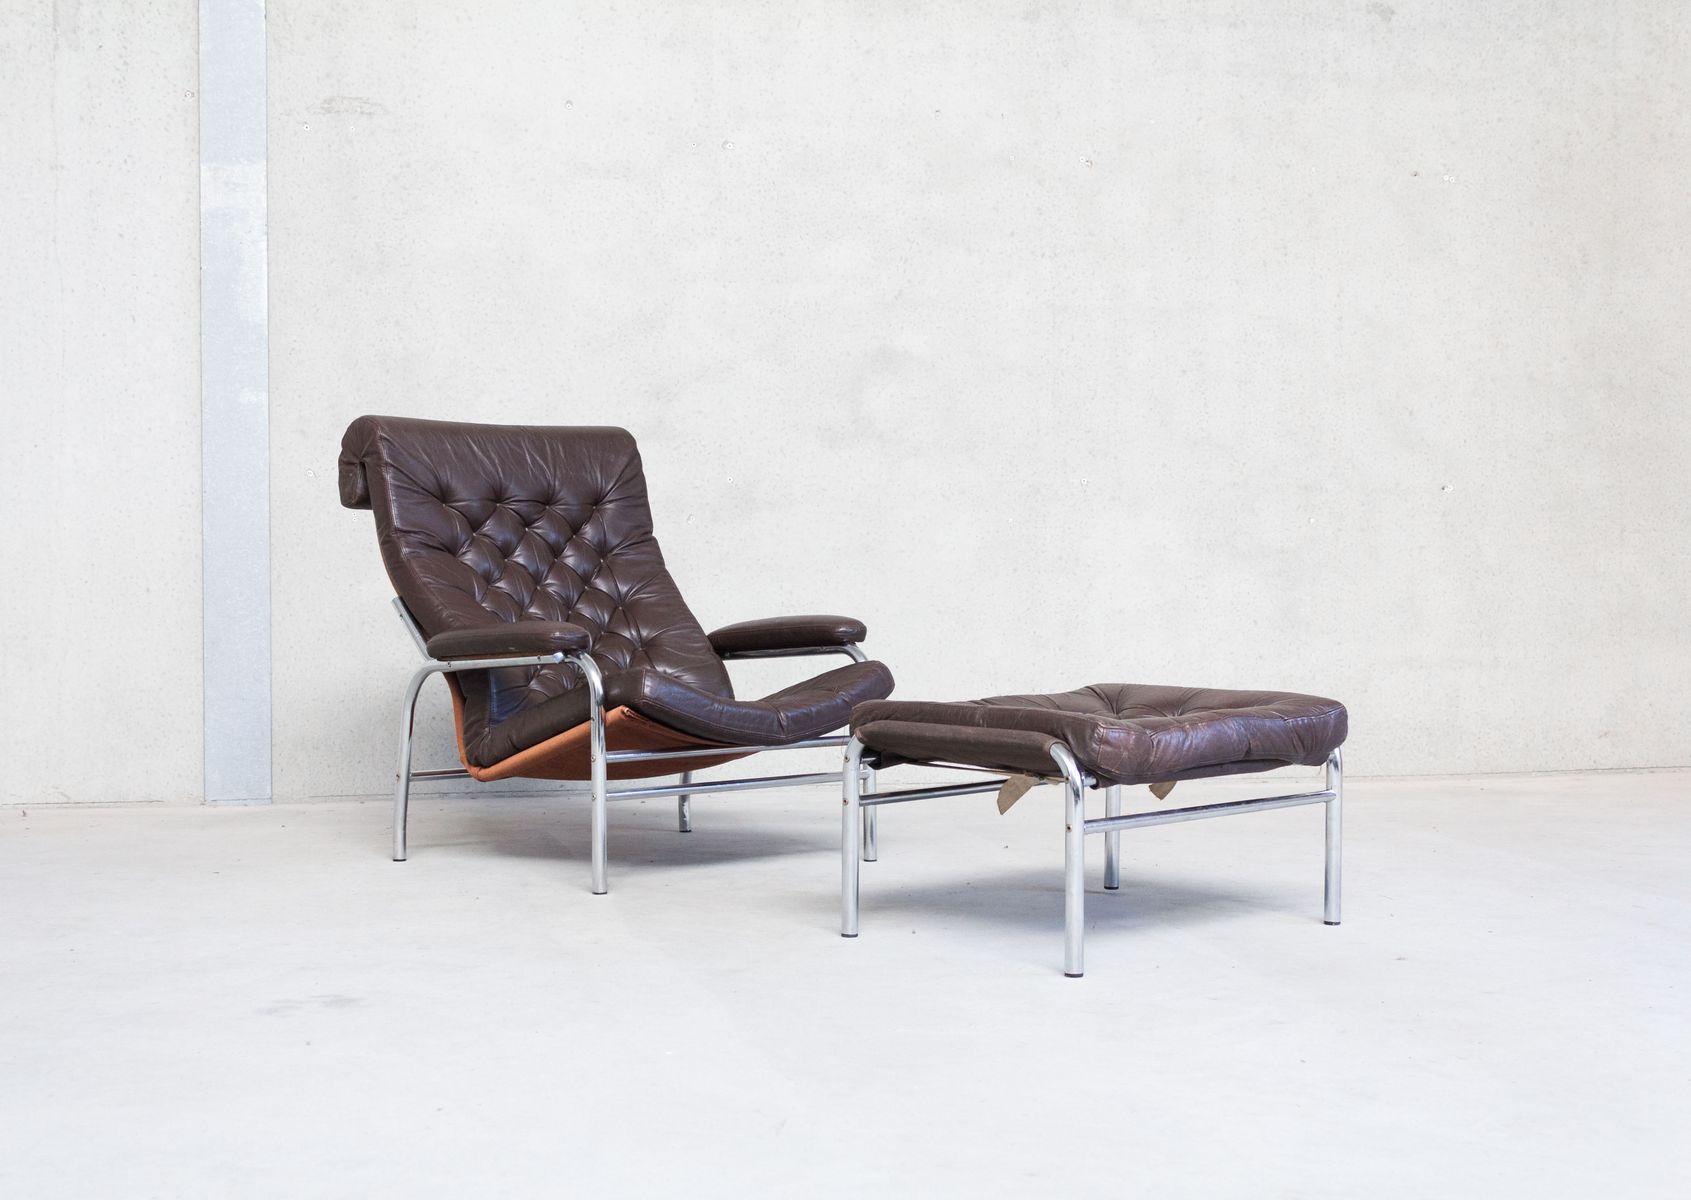 Único Ikea Muebles Otomanos Foto - Muebles Para Ideas de Diseño de ...